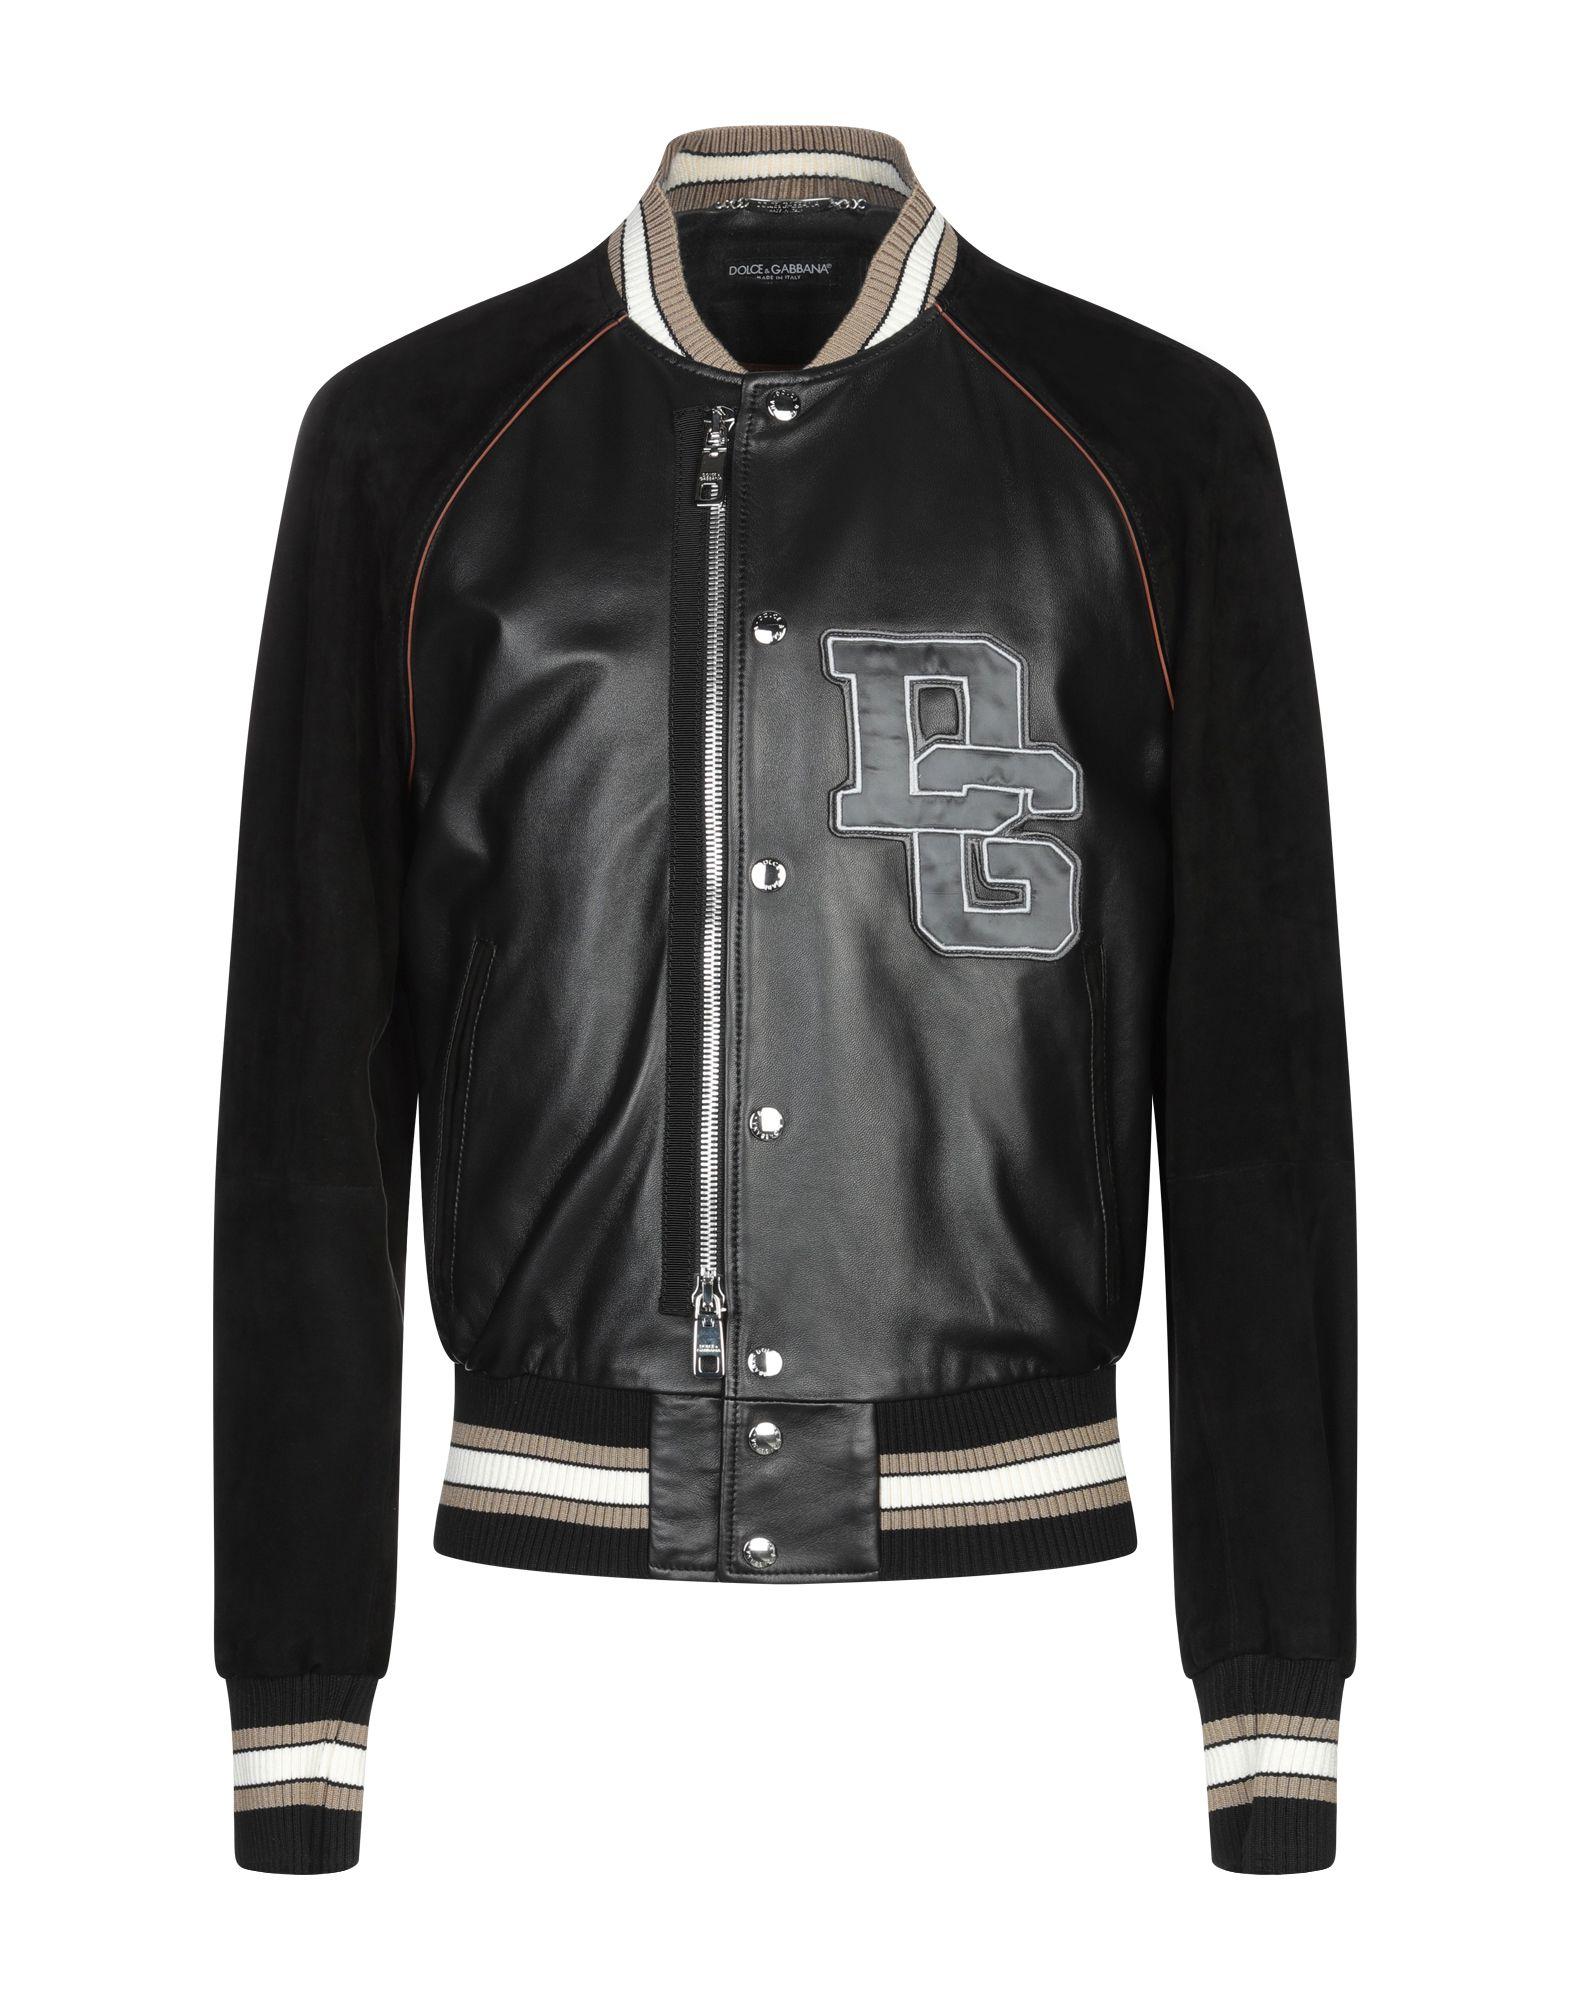 dd9dcd38e Dolce & Gabbana Men - Dolce & Gabbana Coats & Jackets - YOOX United ...